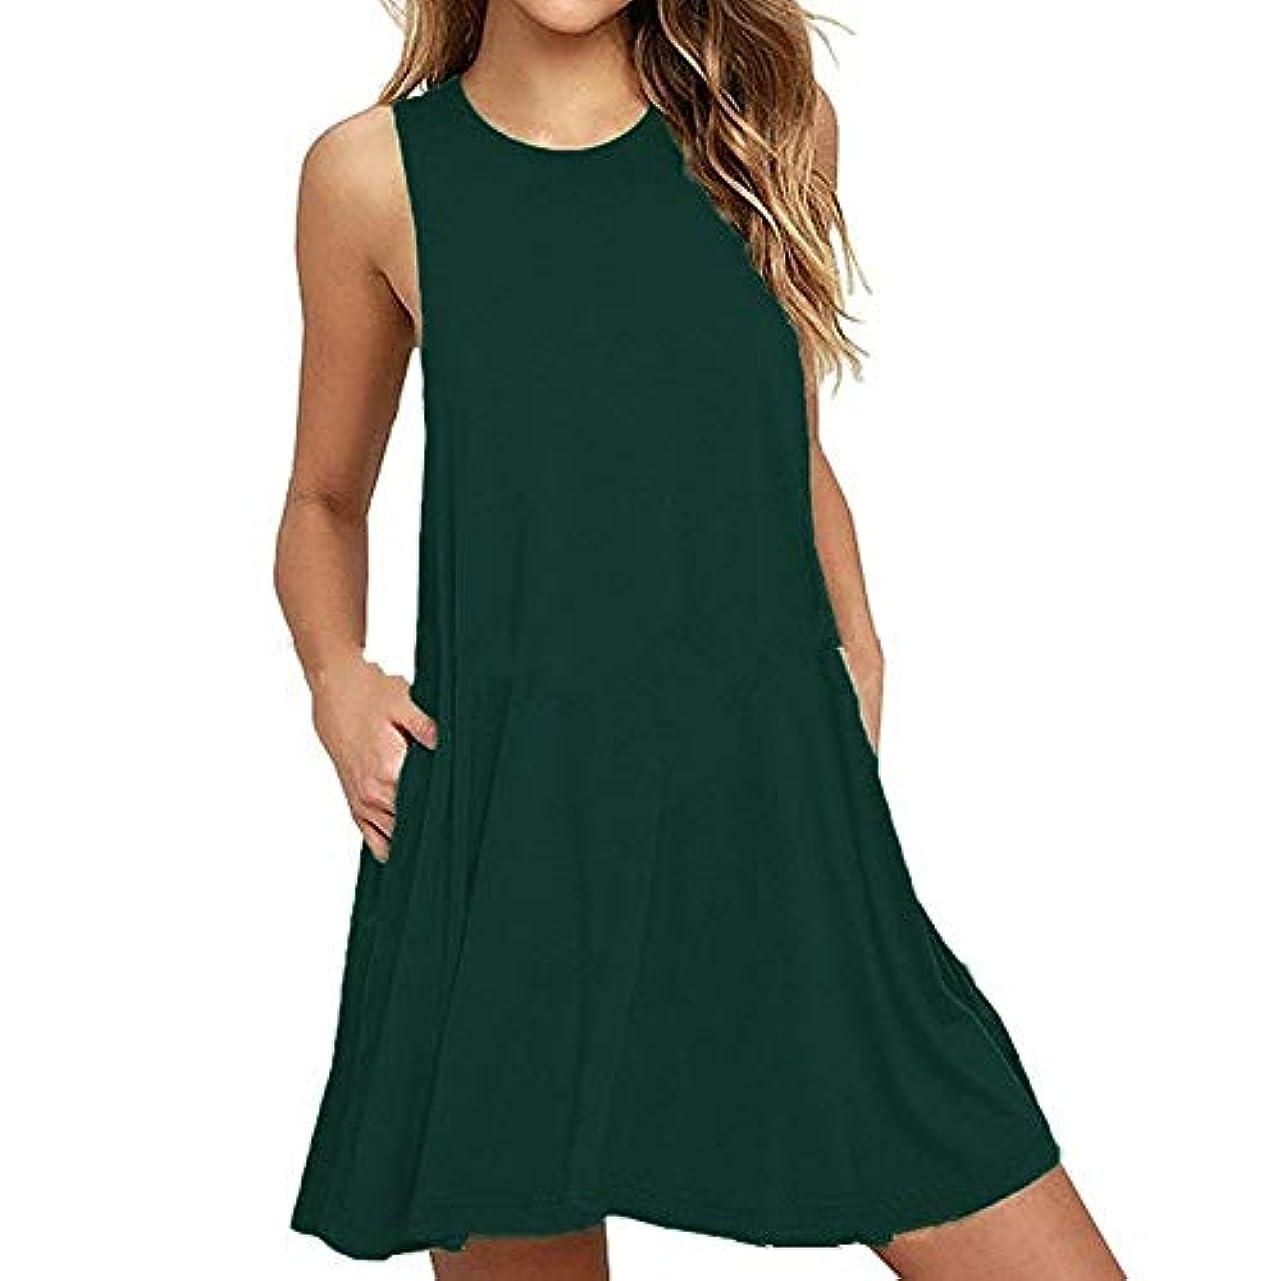 大使適切にグラスMIFAN 人の女性のドレス、プラスサイズのドレス、ノースリーブのドレス、ミニドレス、ホルタードレス、コットンドレス